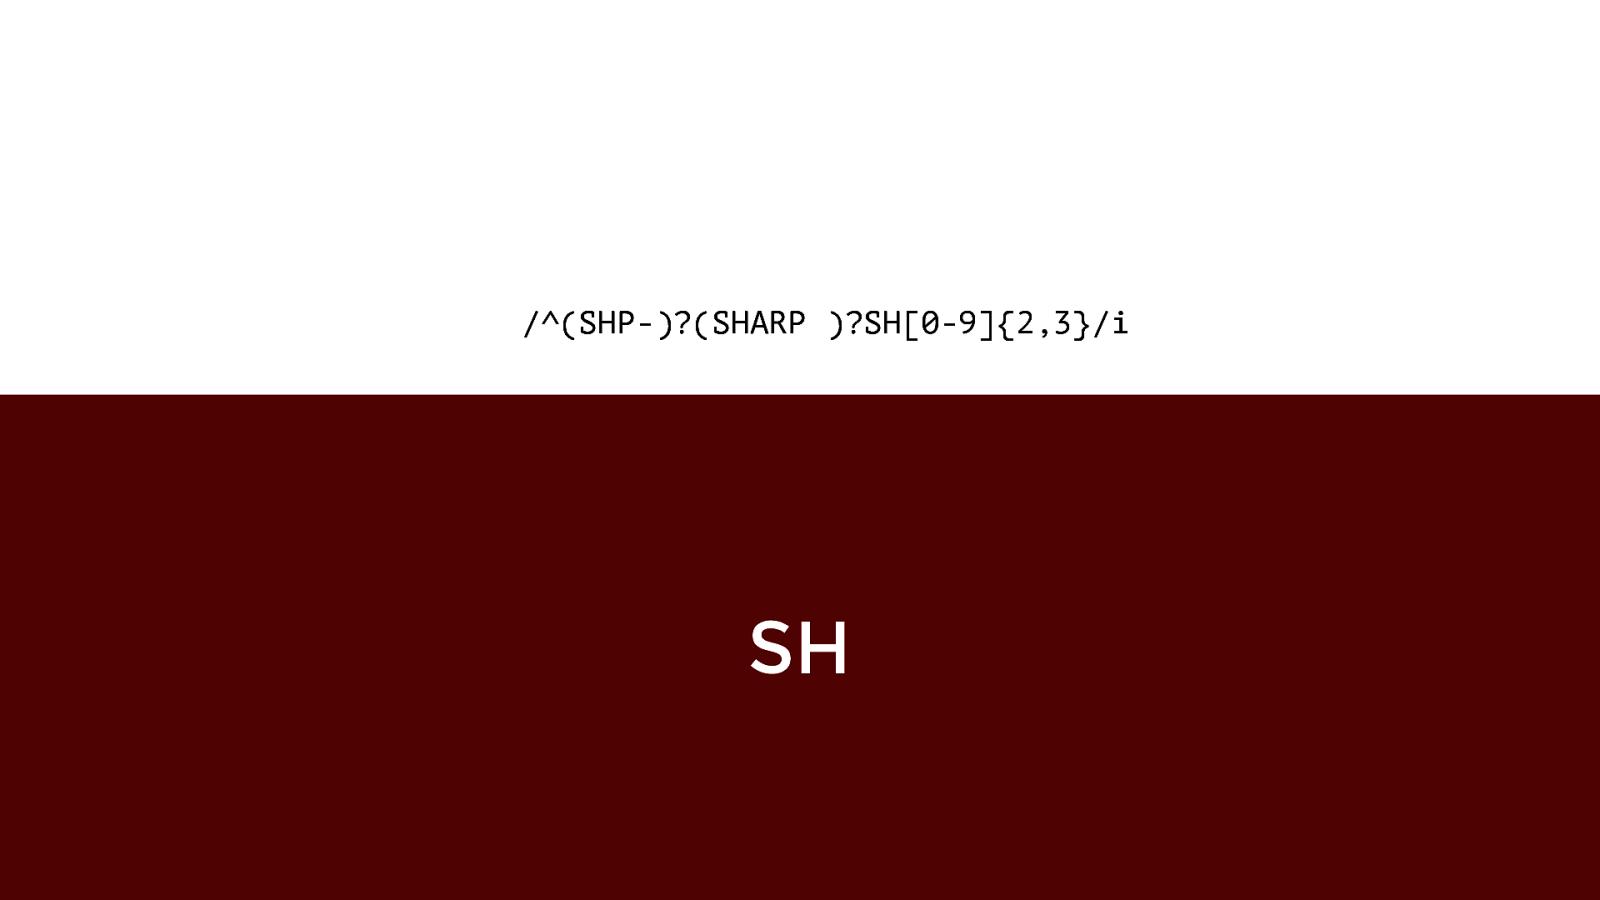 Slide 159